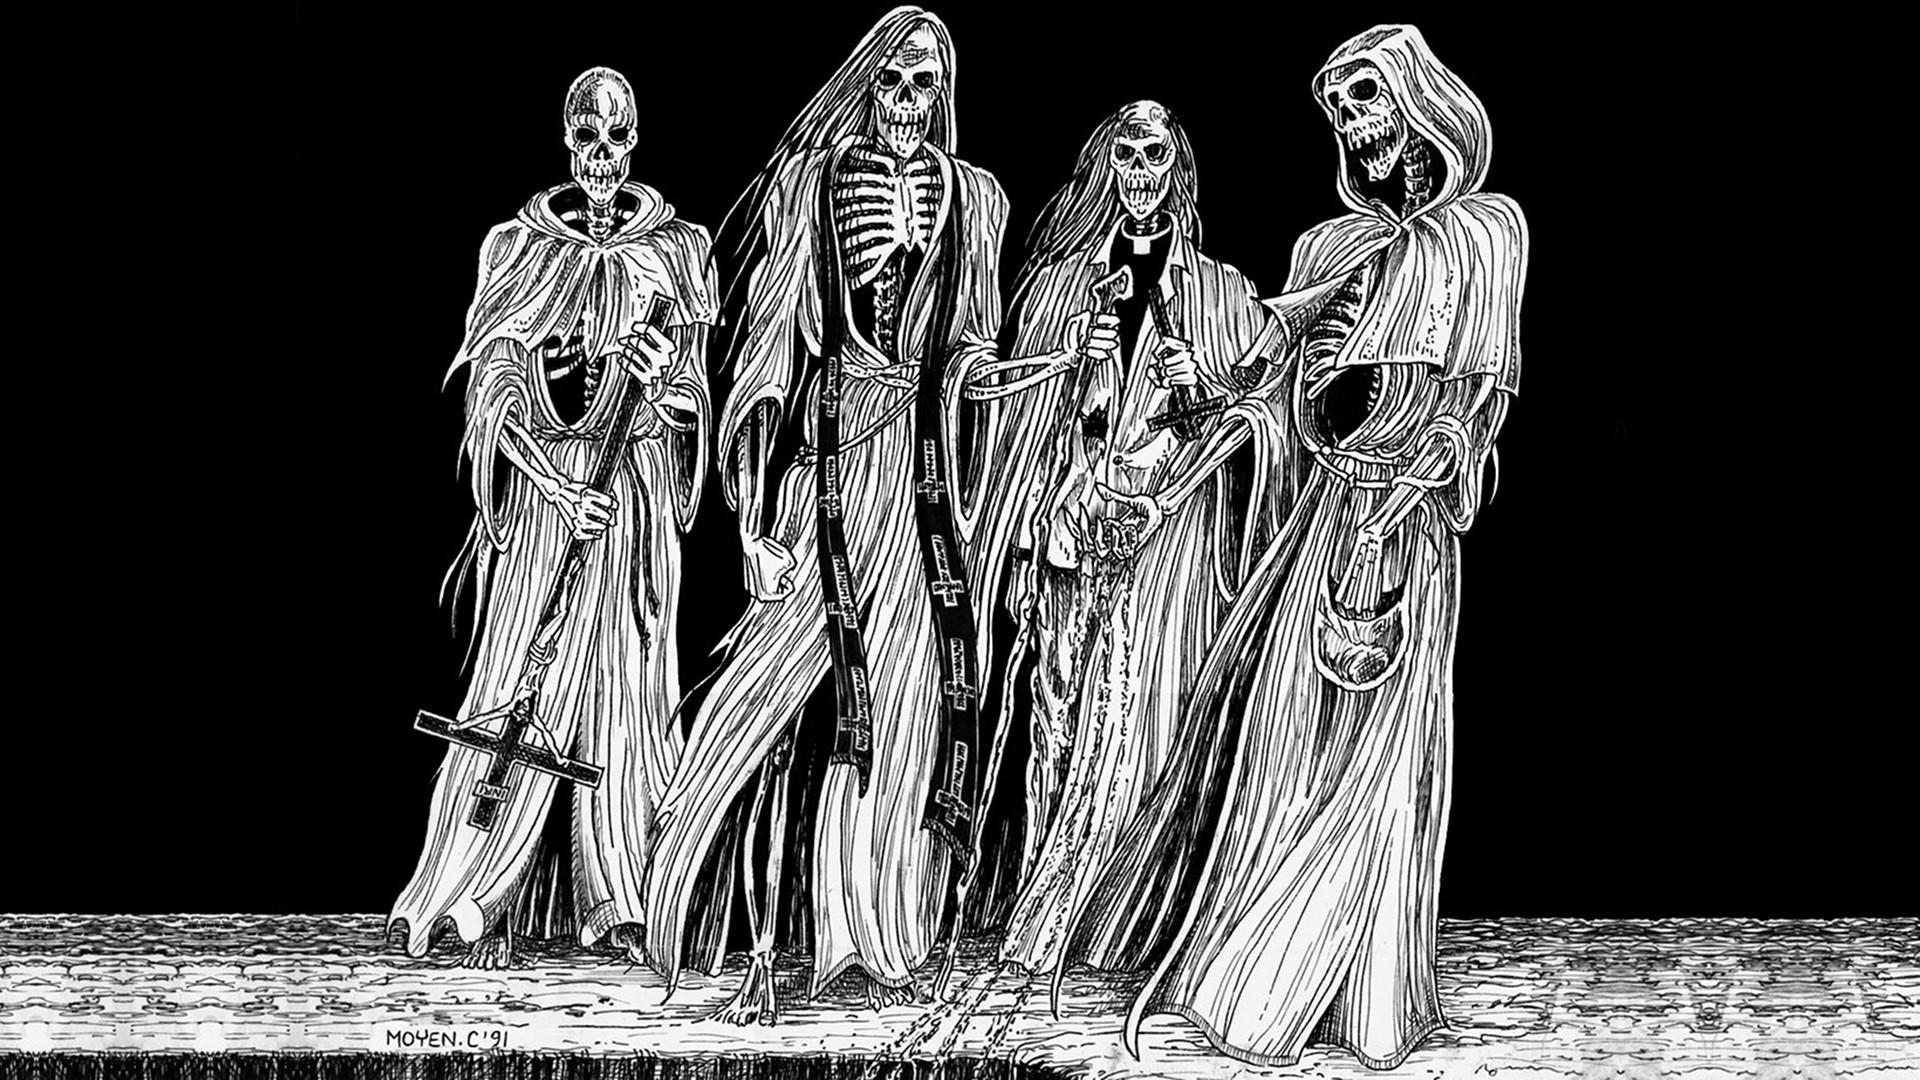 dark horror evil occult satan skull skeleton art wallpaper background 1920x1080